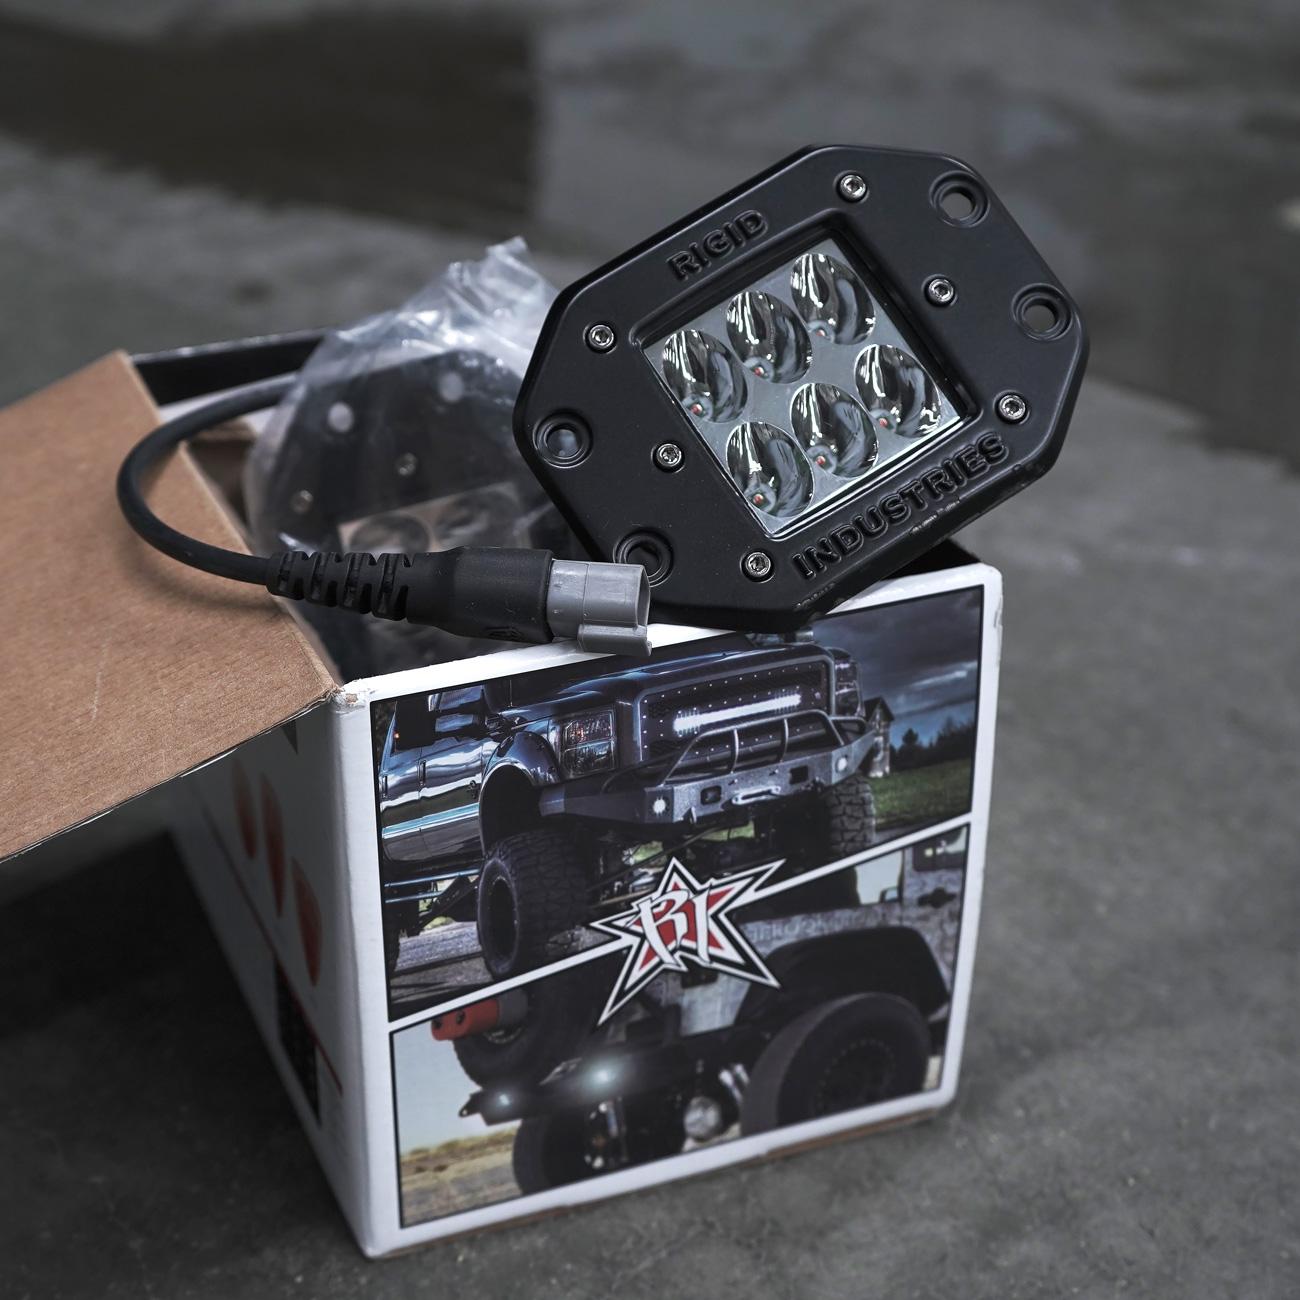 Rigid D2 Flush Mount LED Pod Lights Giveaway Giveaway Image